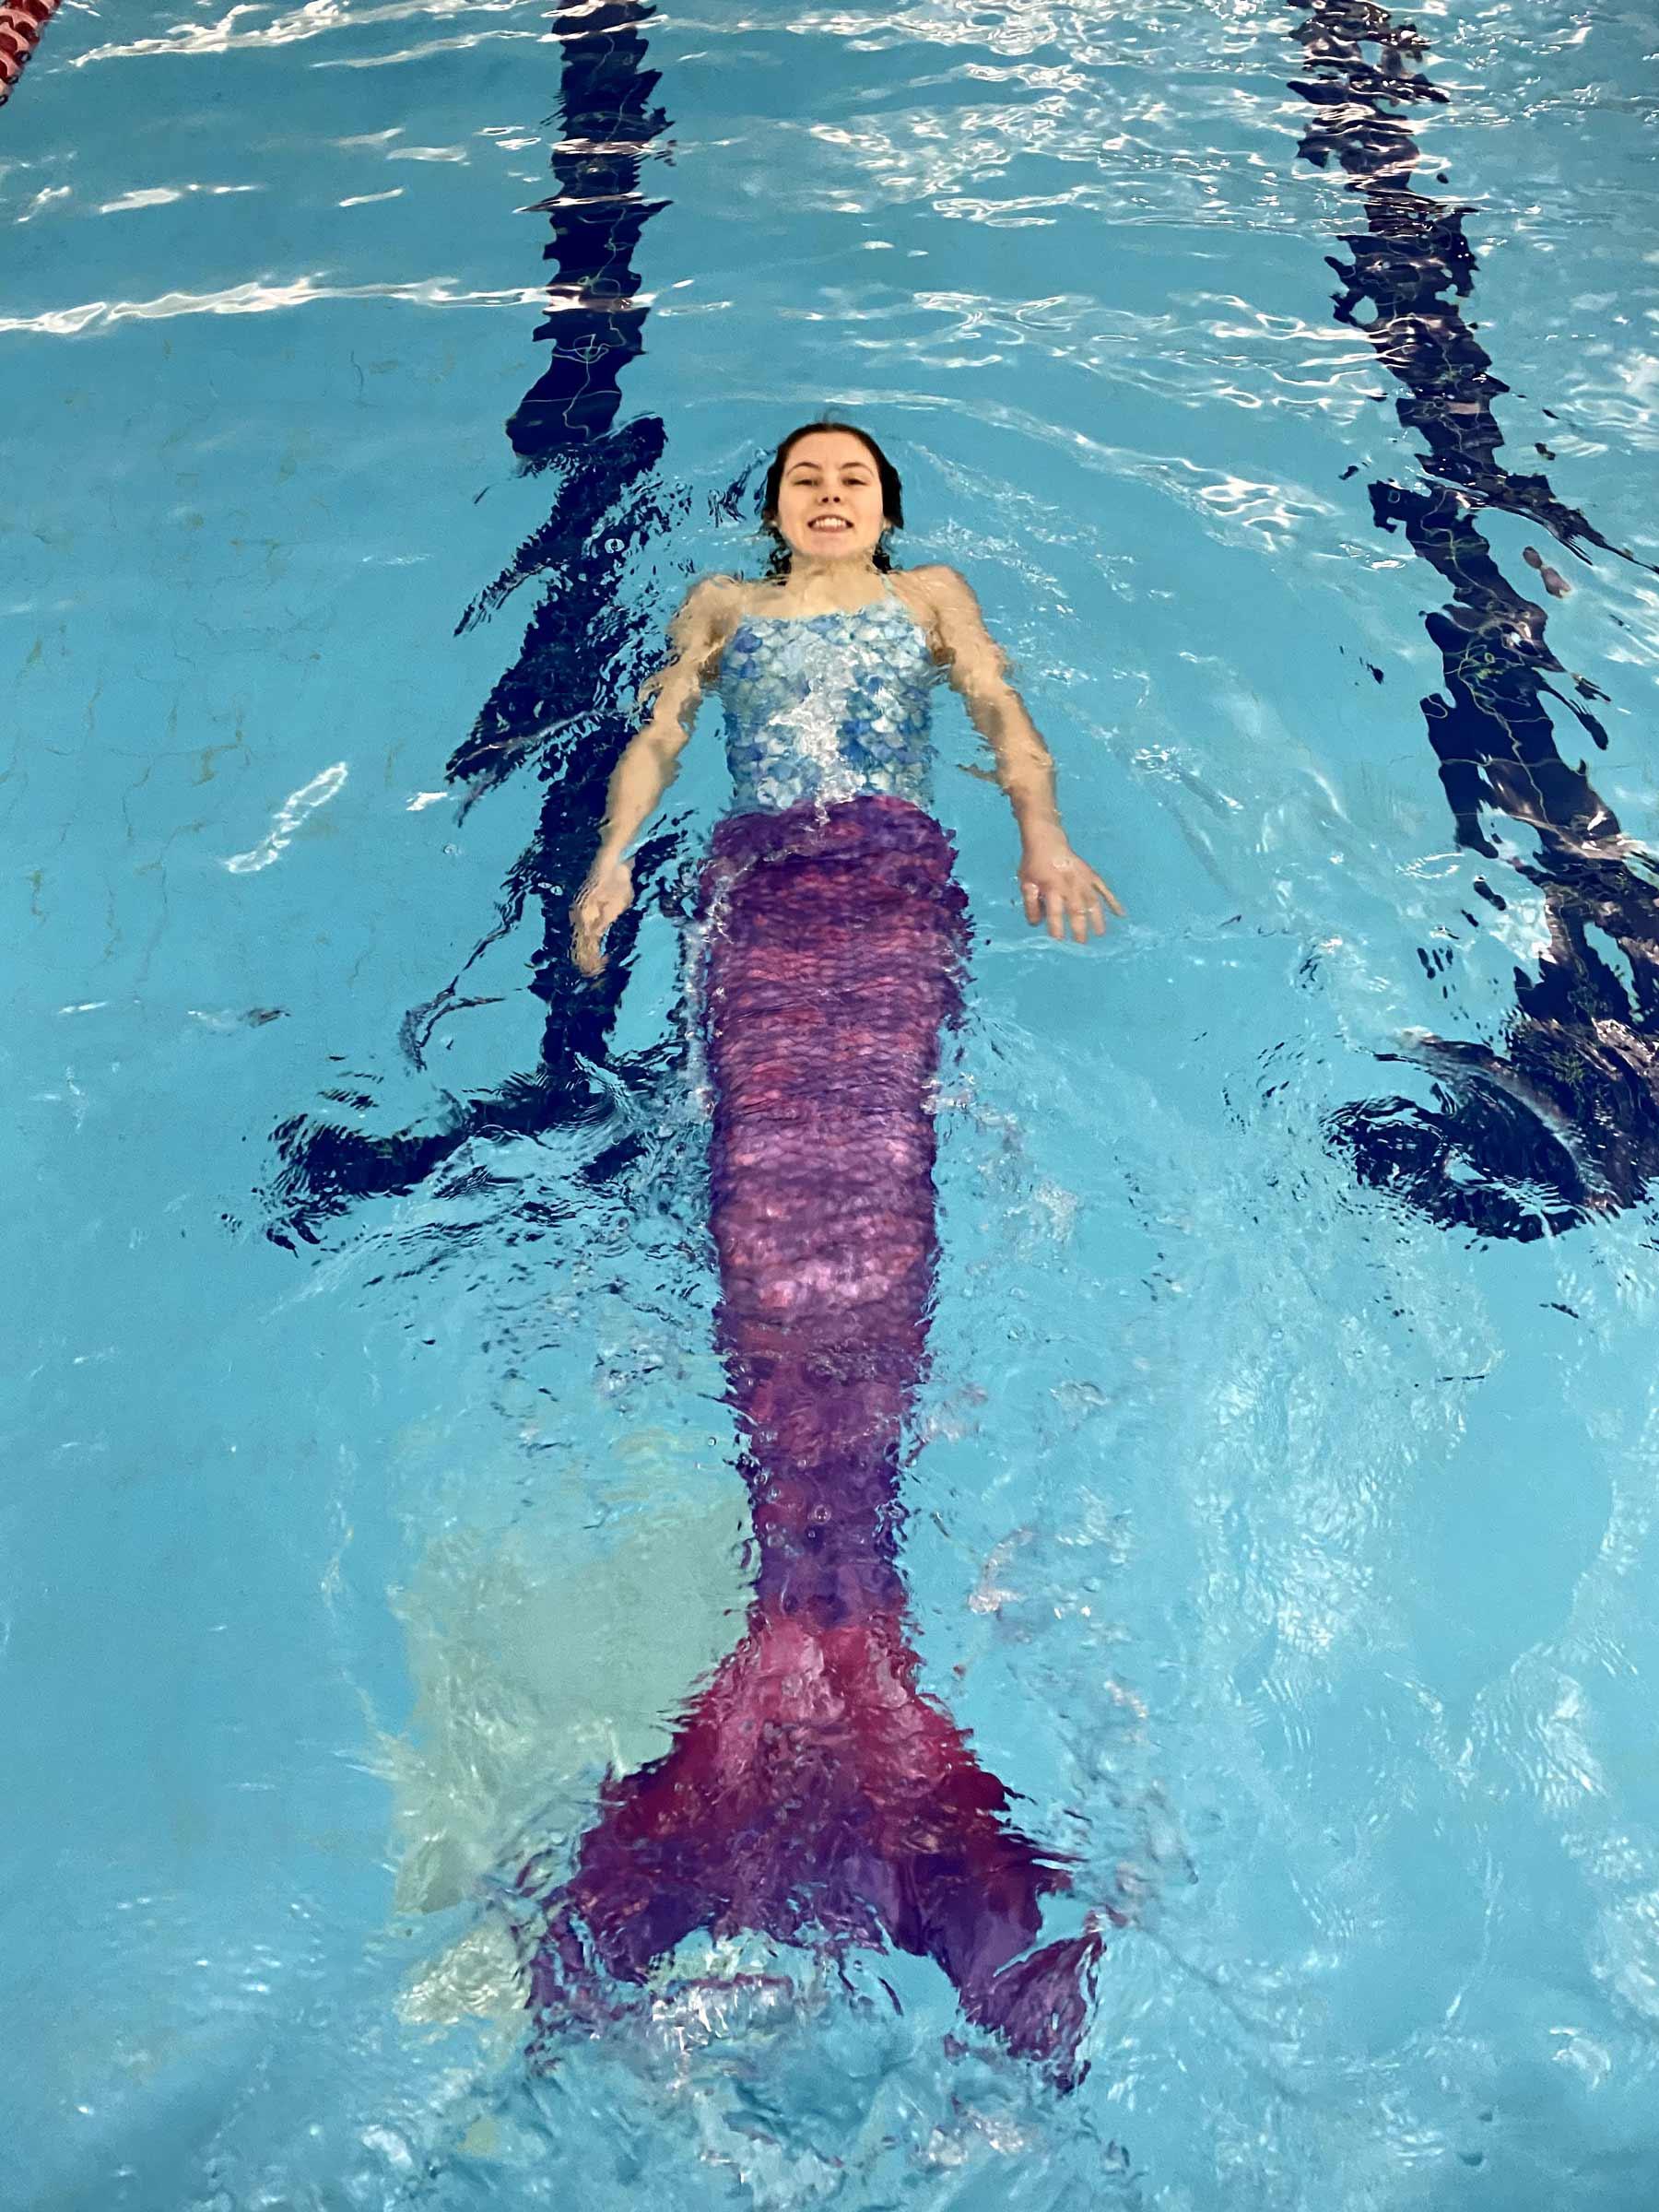 Abbie Mermaid Swimming